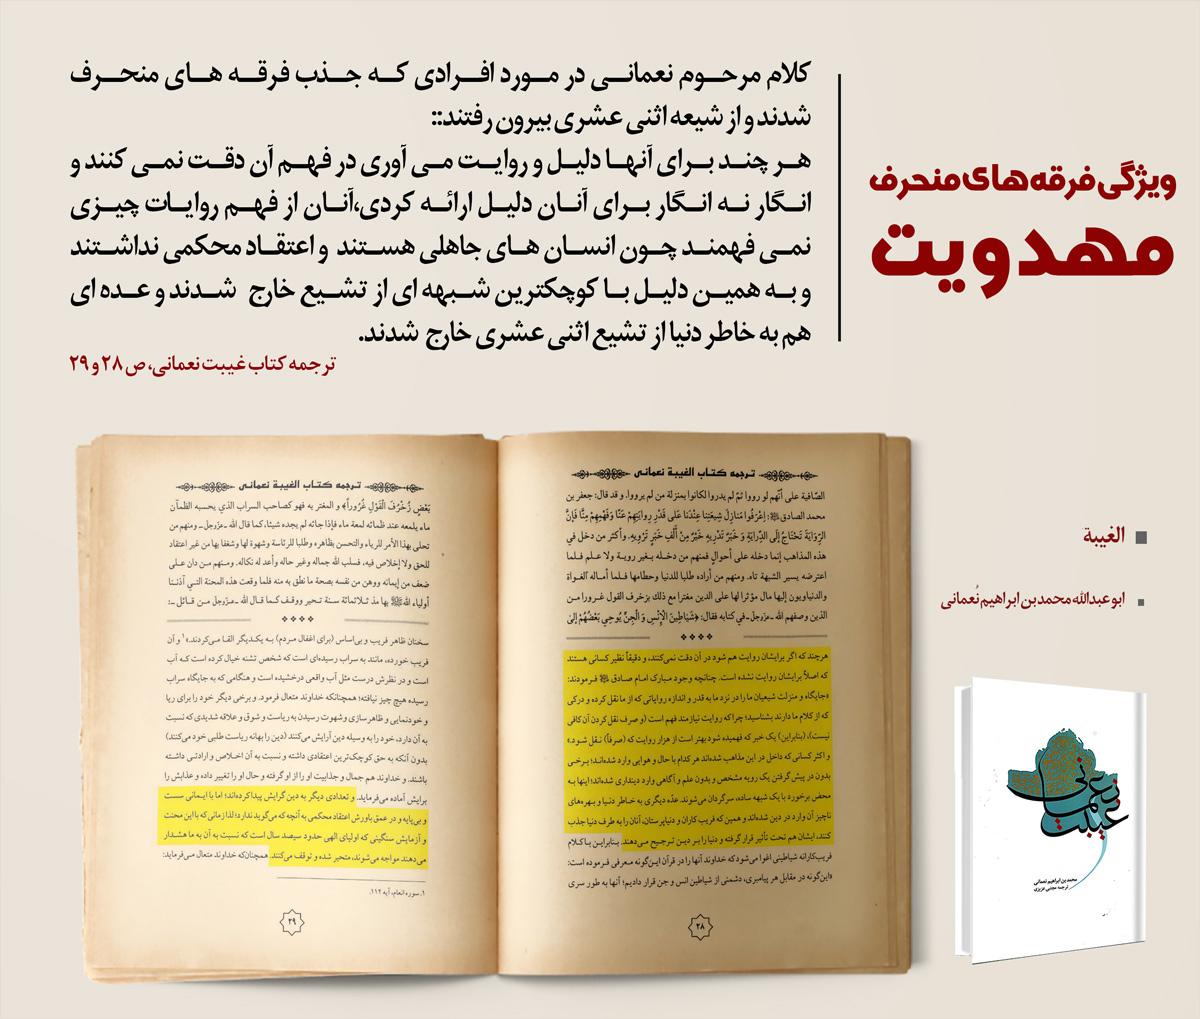 ویژگی فرقه های انحرافی مهدویت